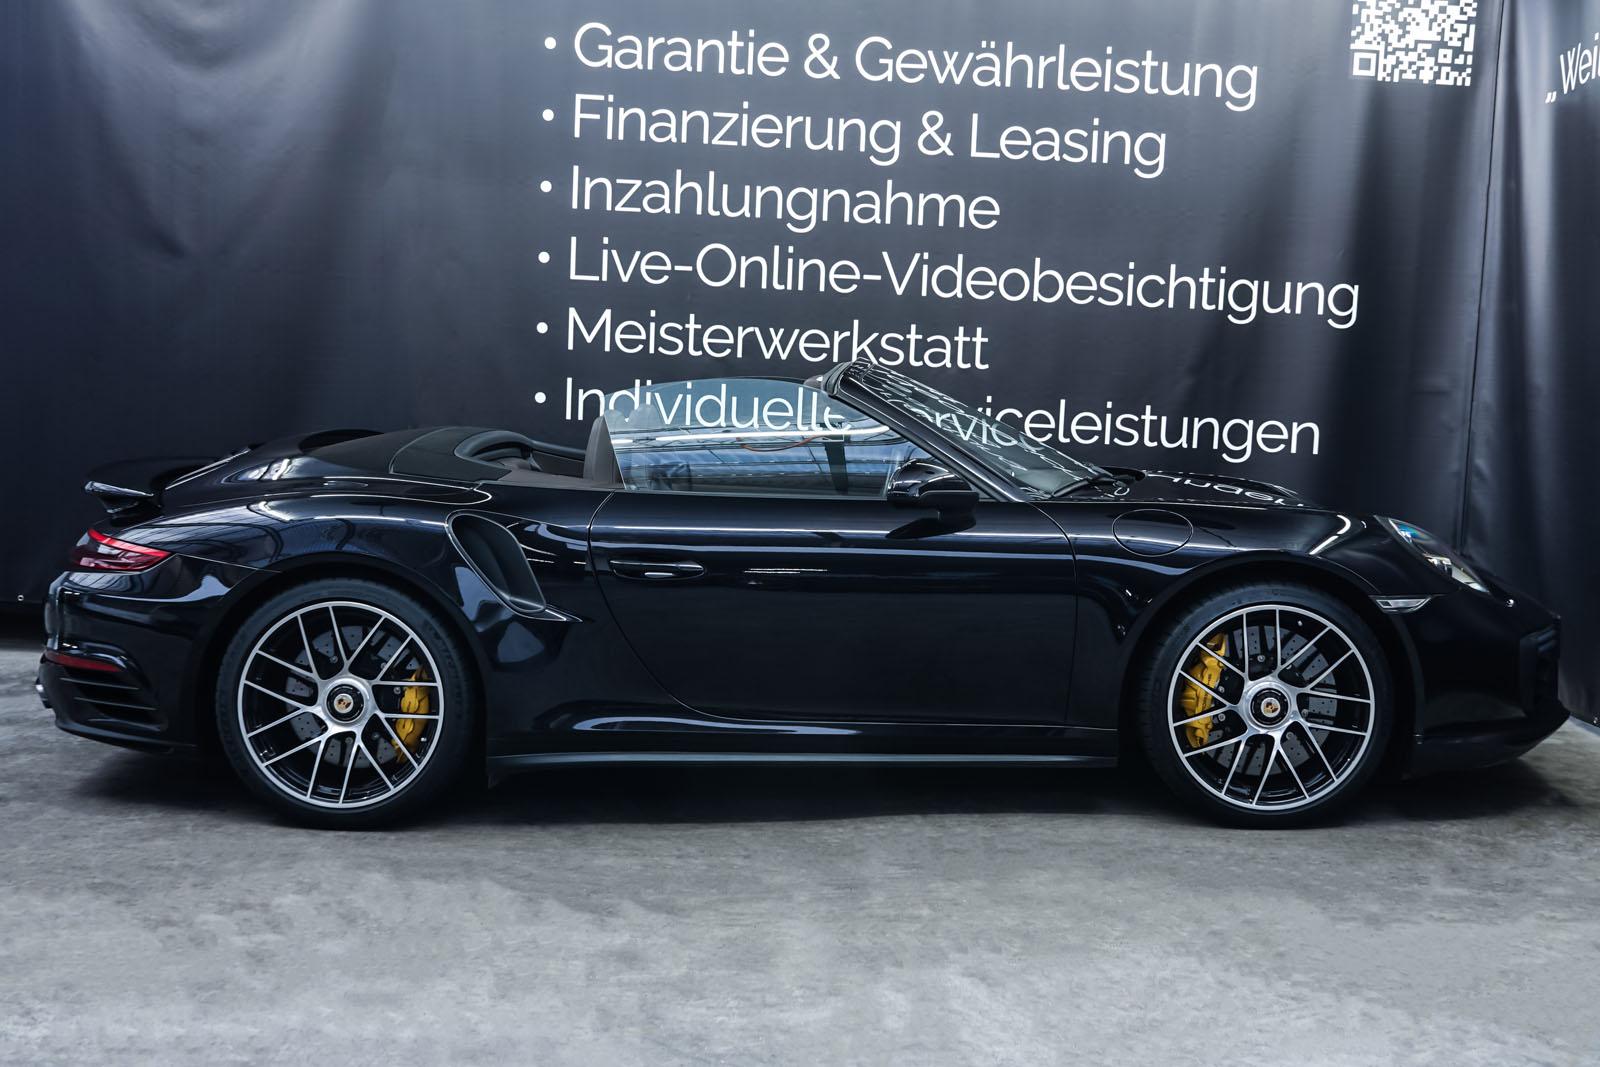 Porsche_991_TurboS_Cabrio_Schwarz_Braun_POR-9733_22_w